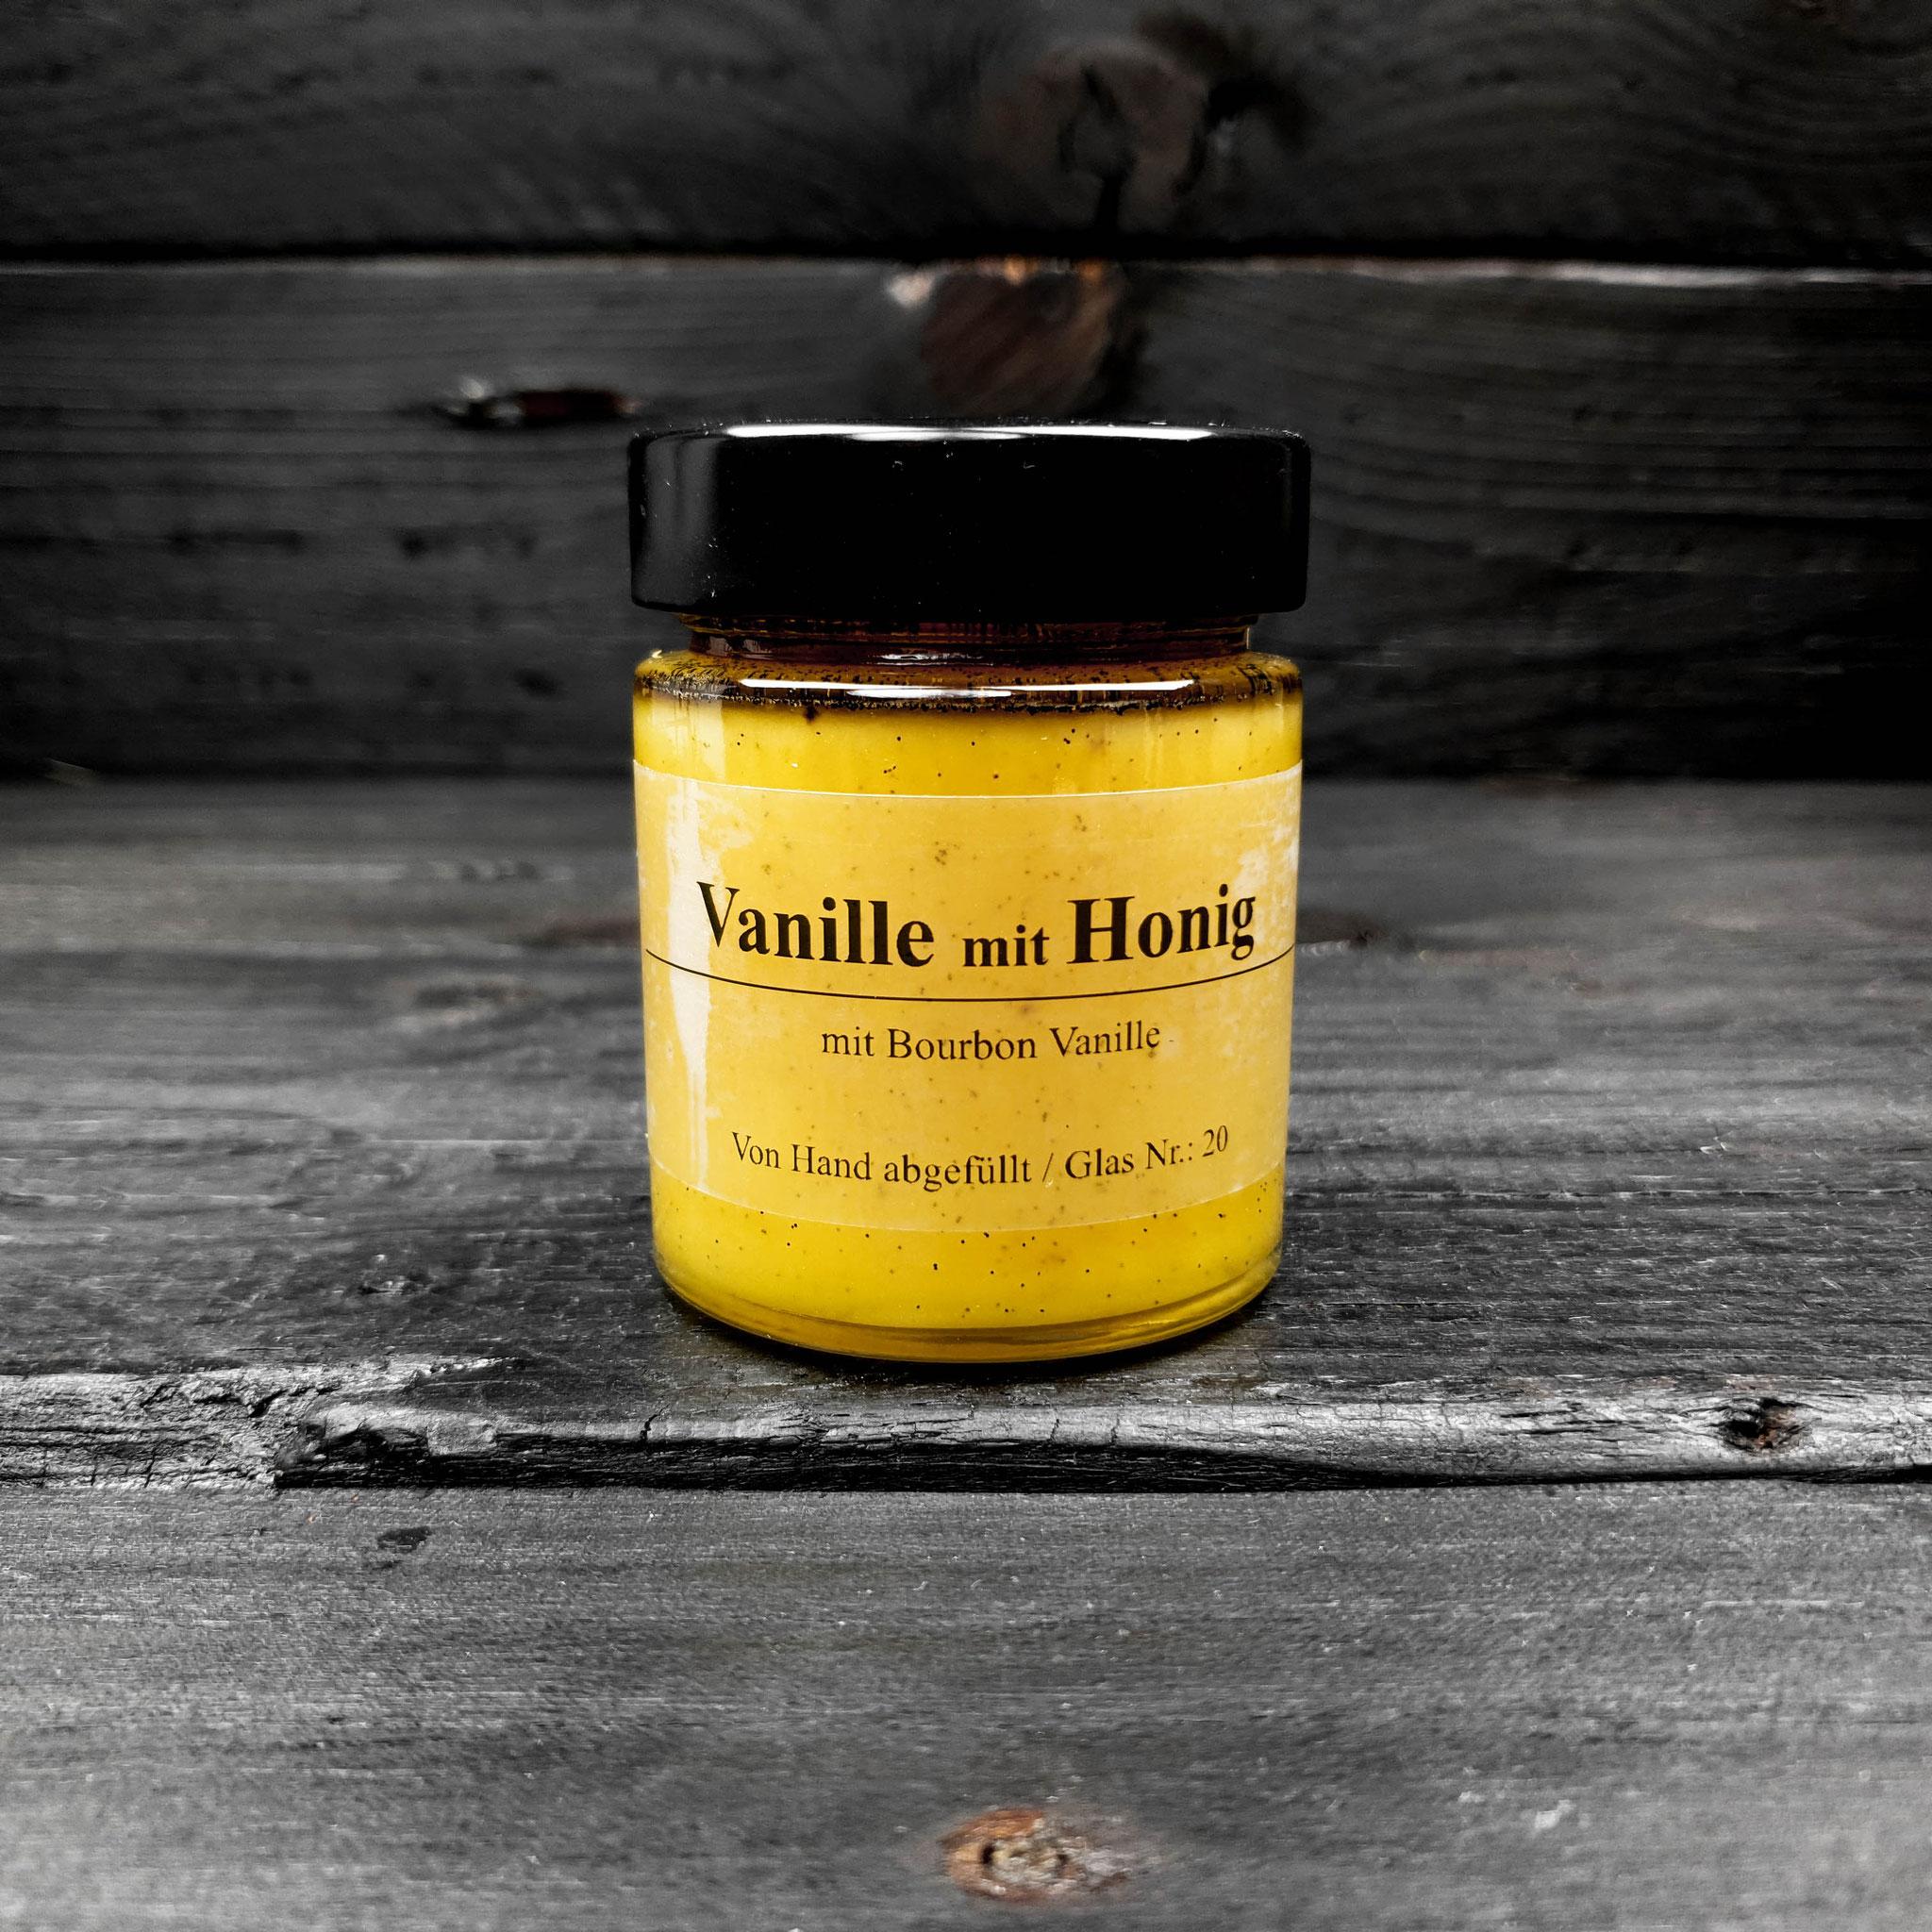 Vanille mit Honig